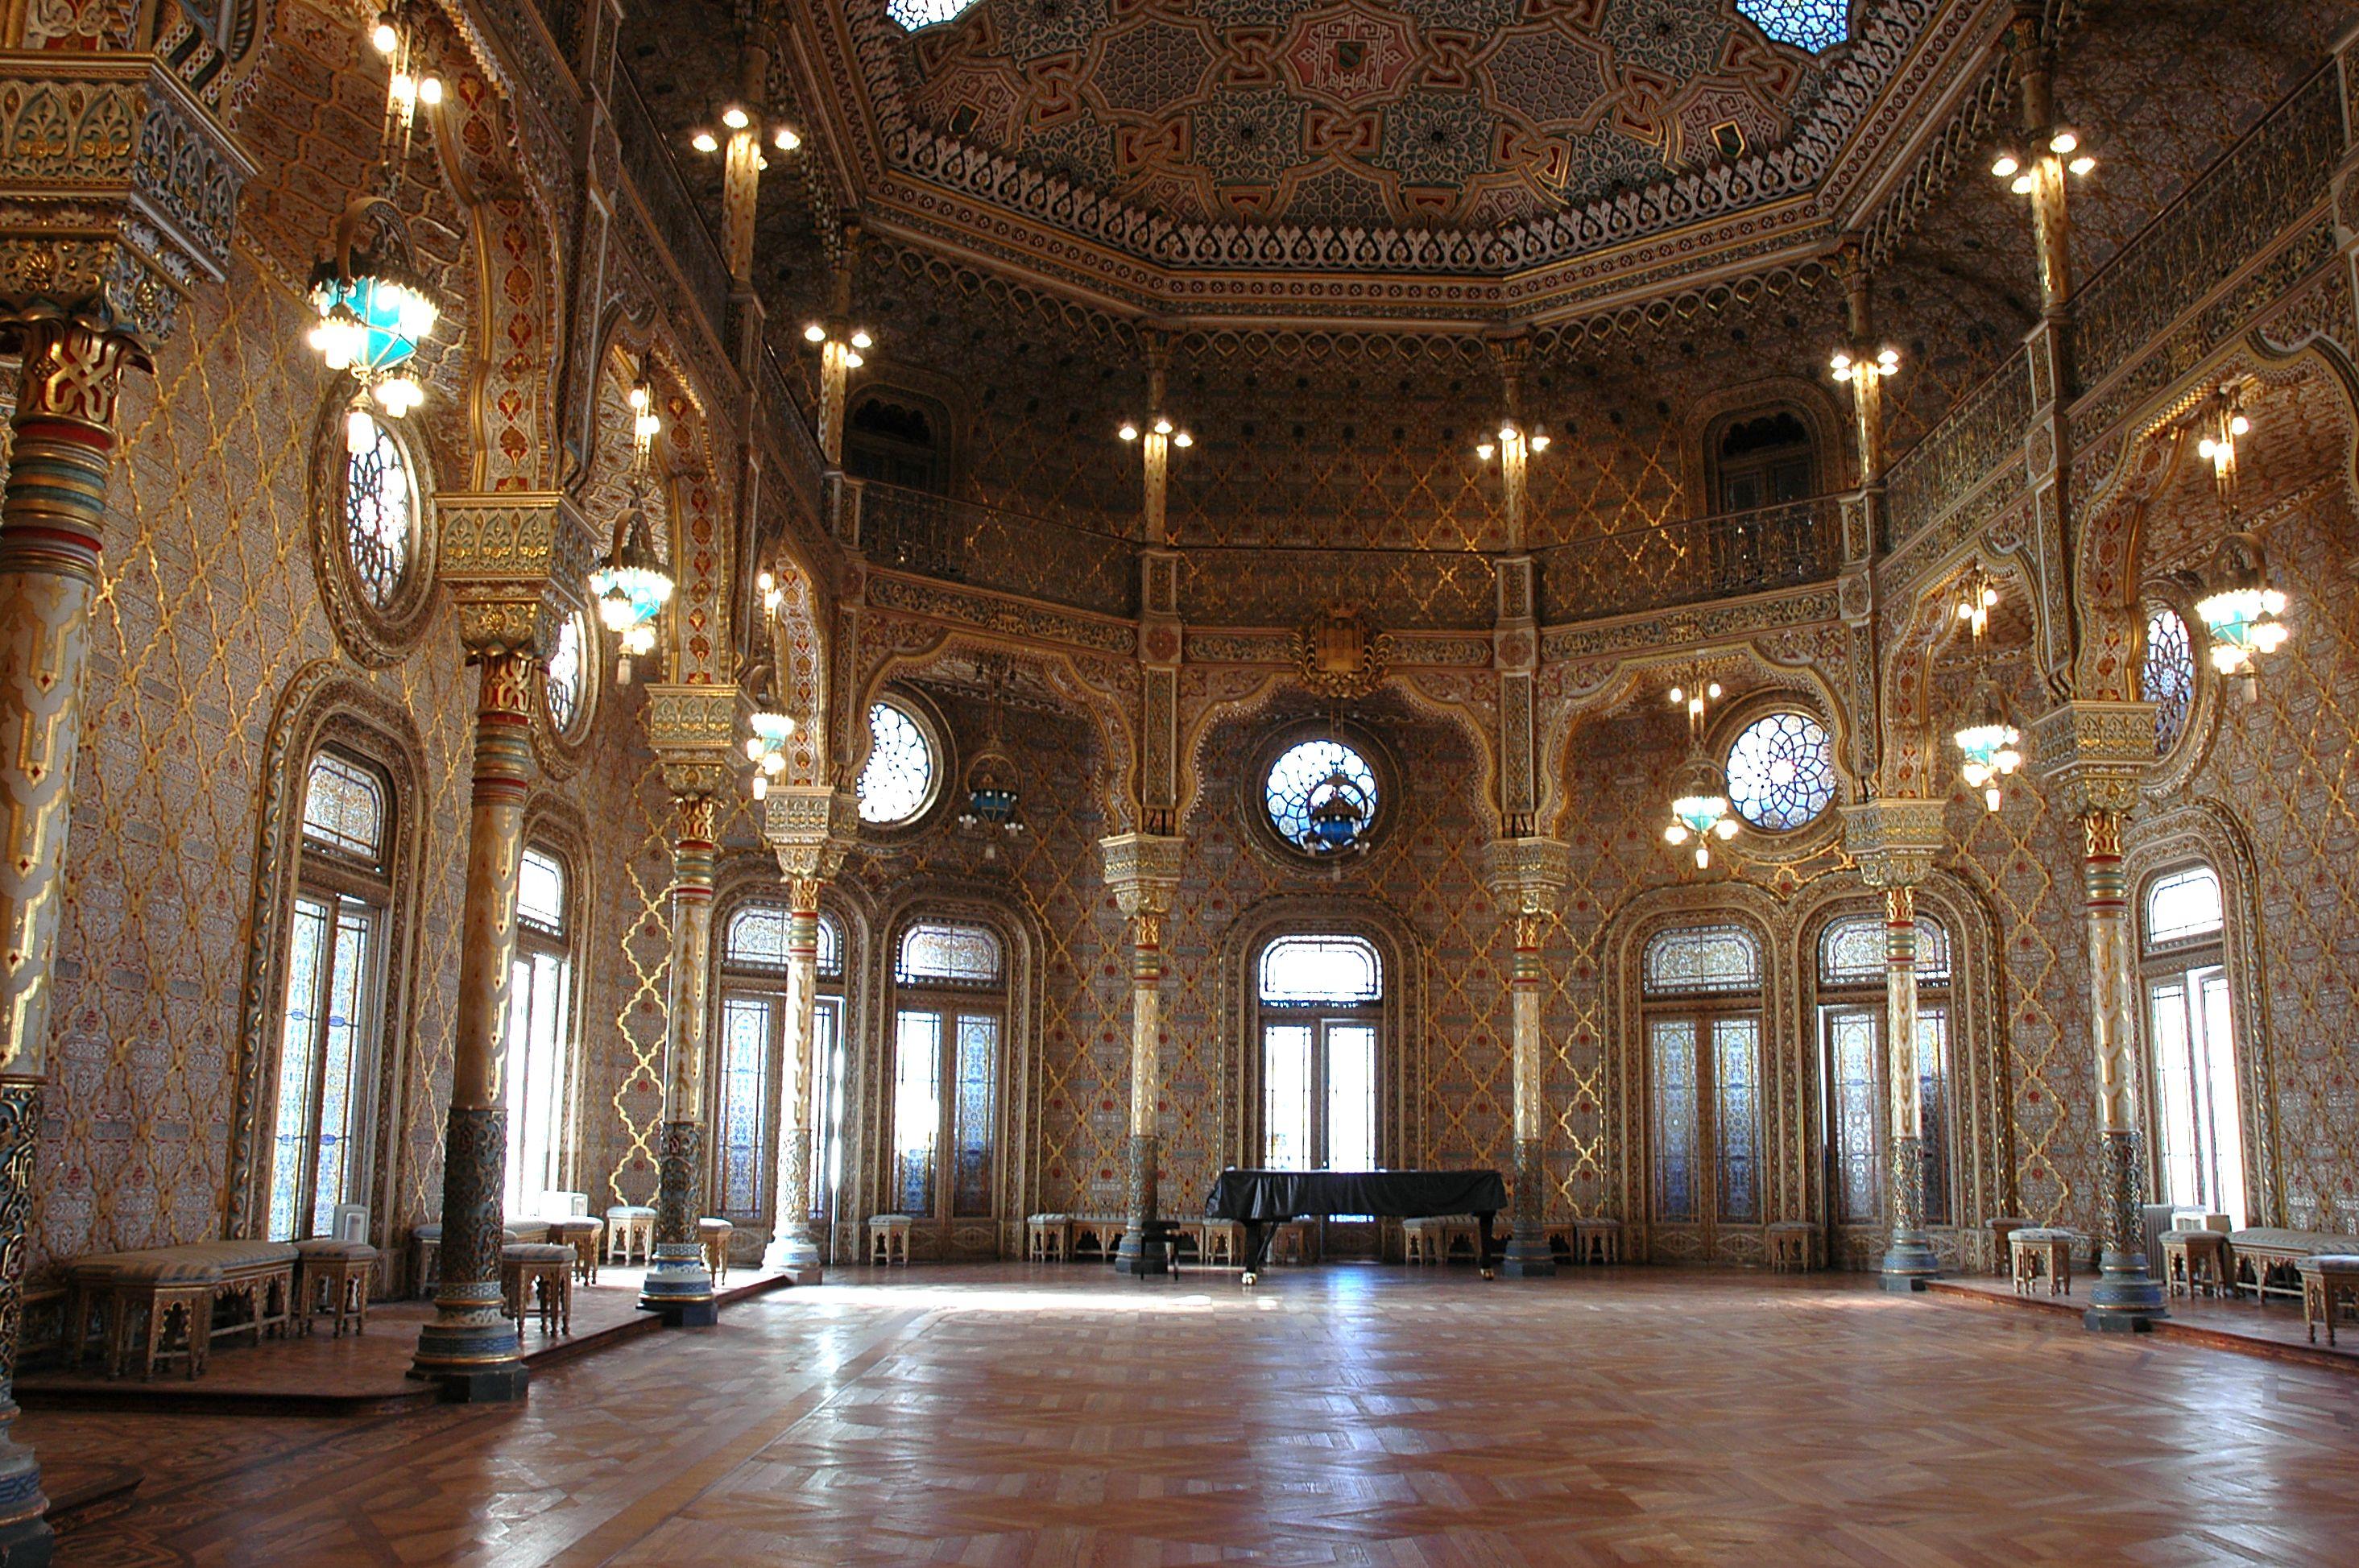 Palácio da Bolsa - interior